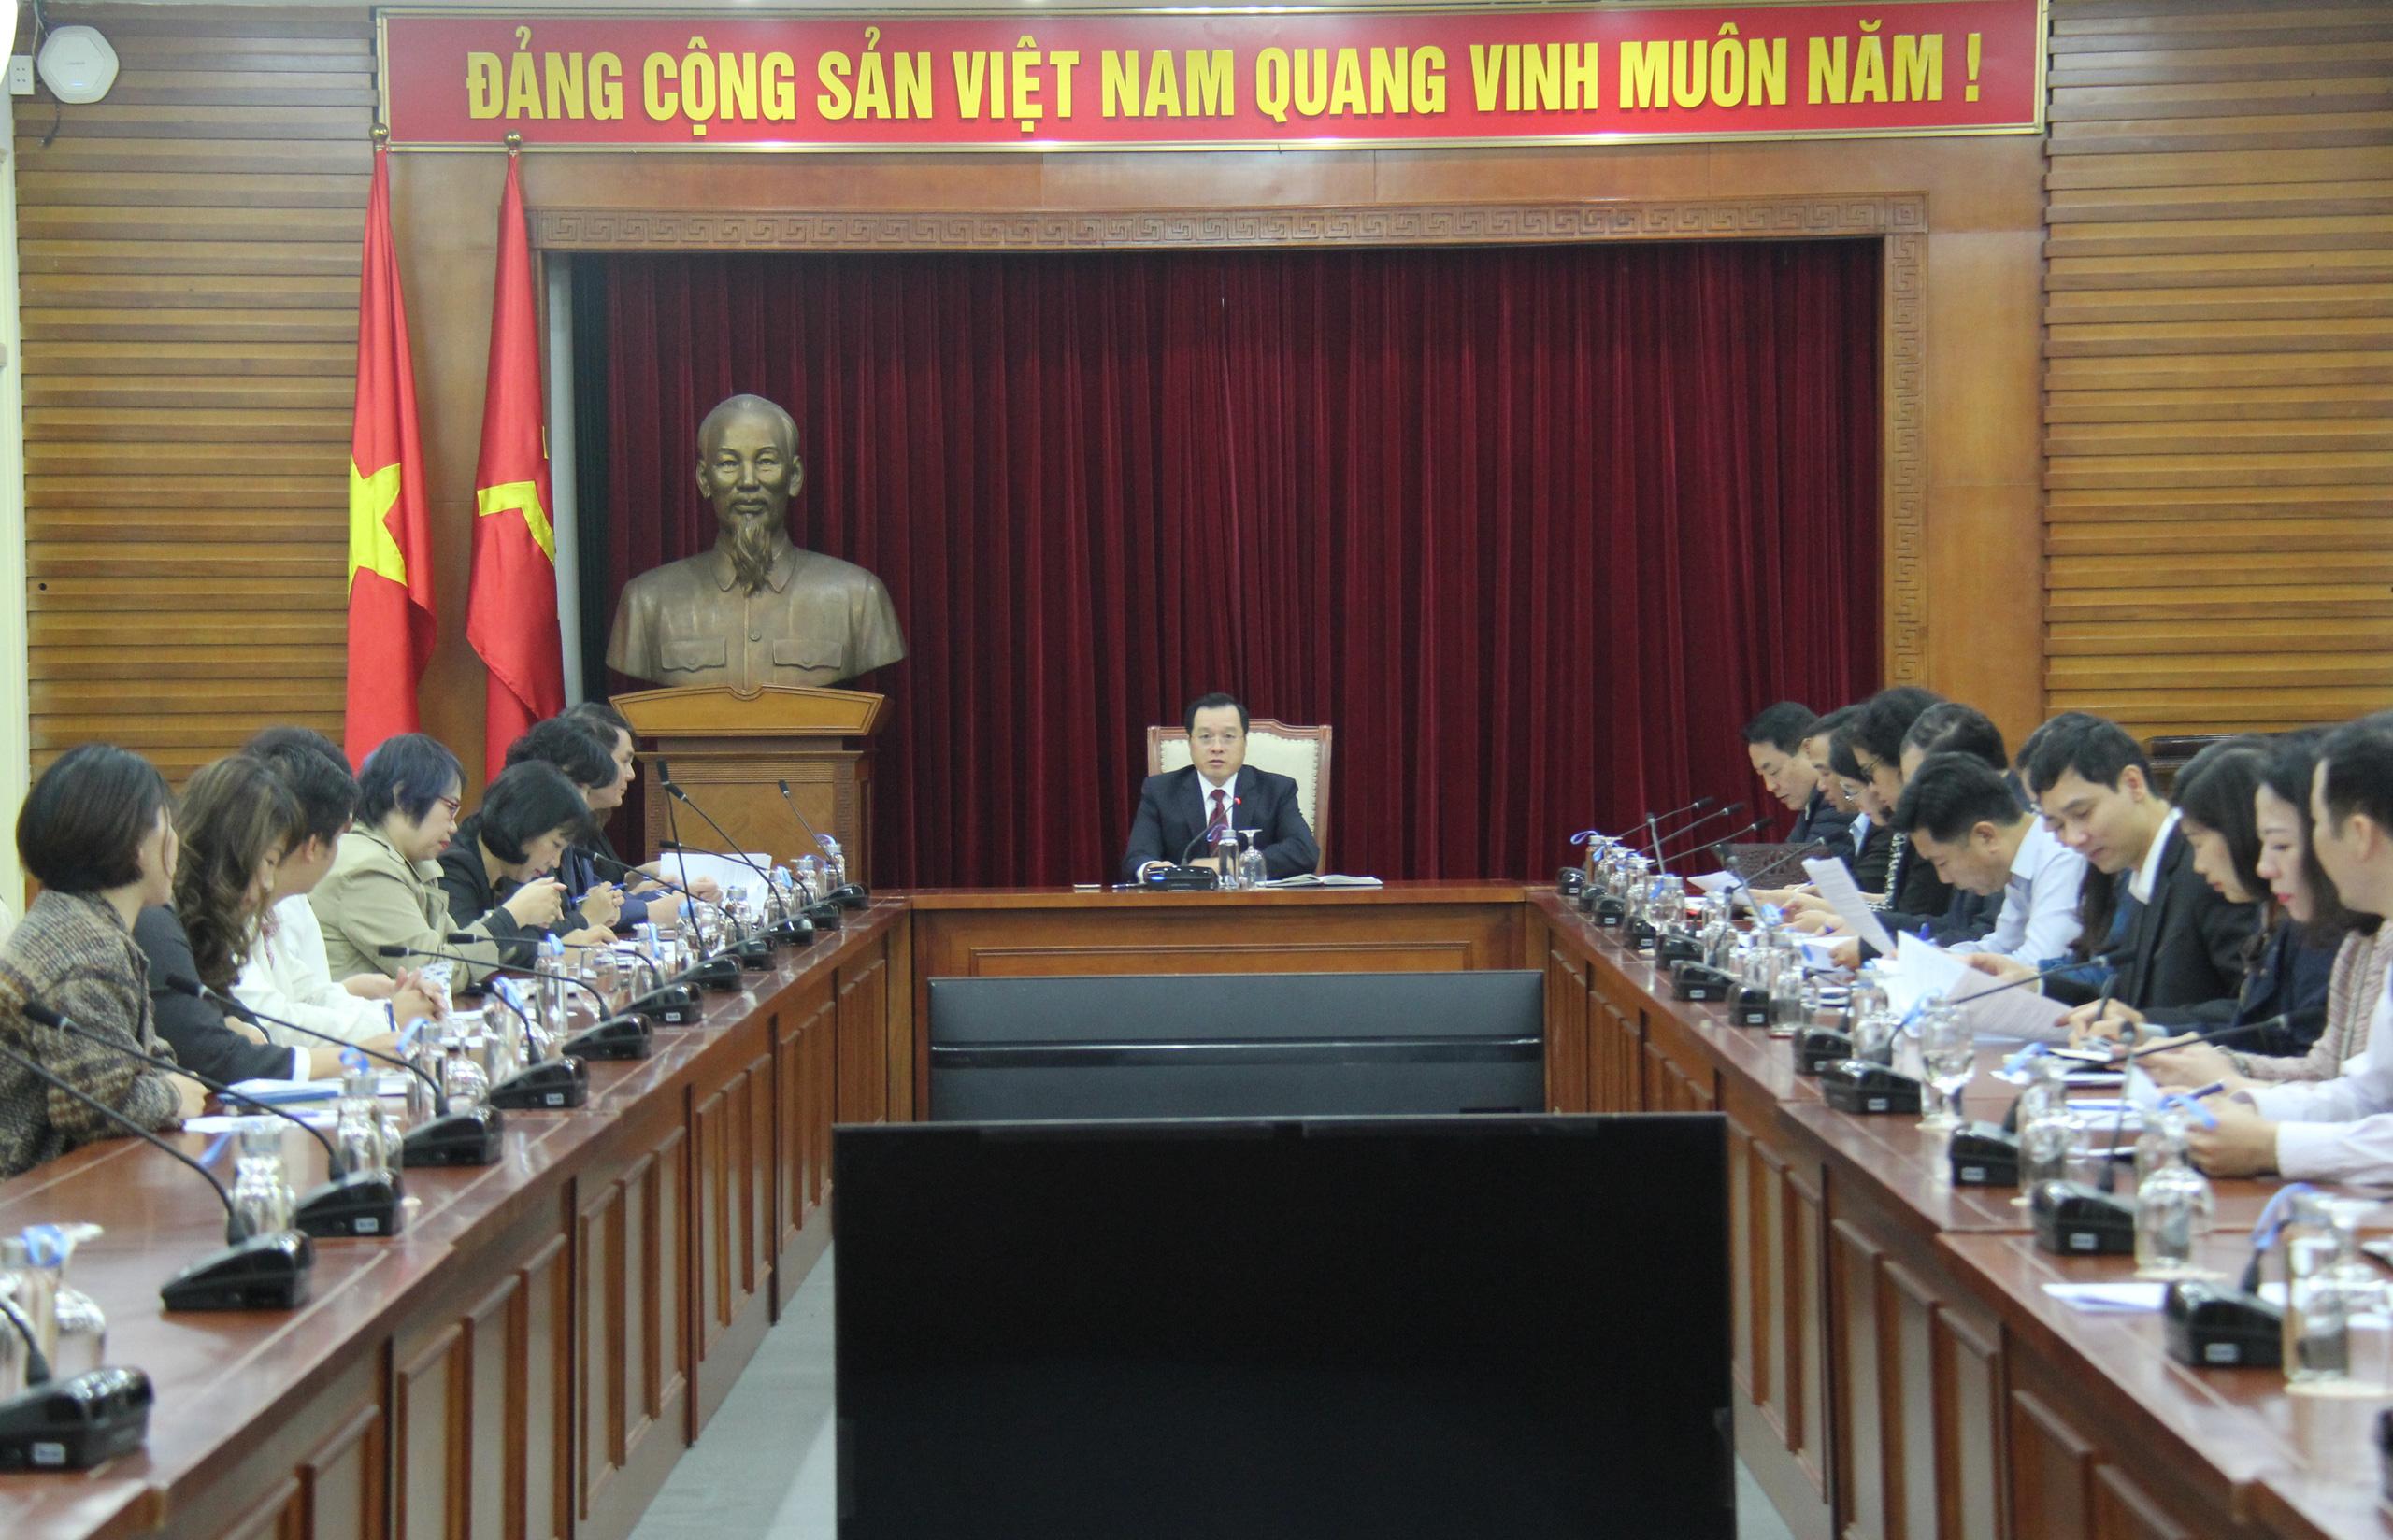 Đẩy mạnh công tác truyền thông nhằm lan tỏa Cuộc thi Đại sứ Văn hóa đọc năm 2021 - Ảnh 2.